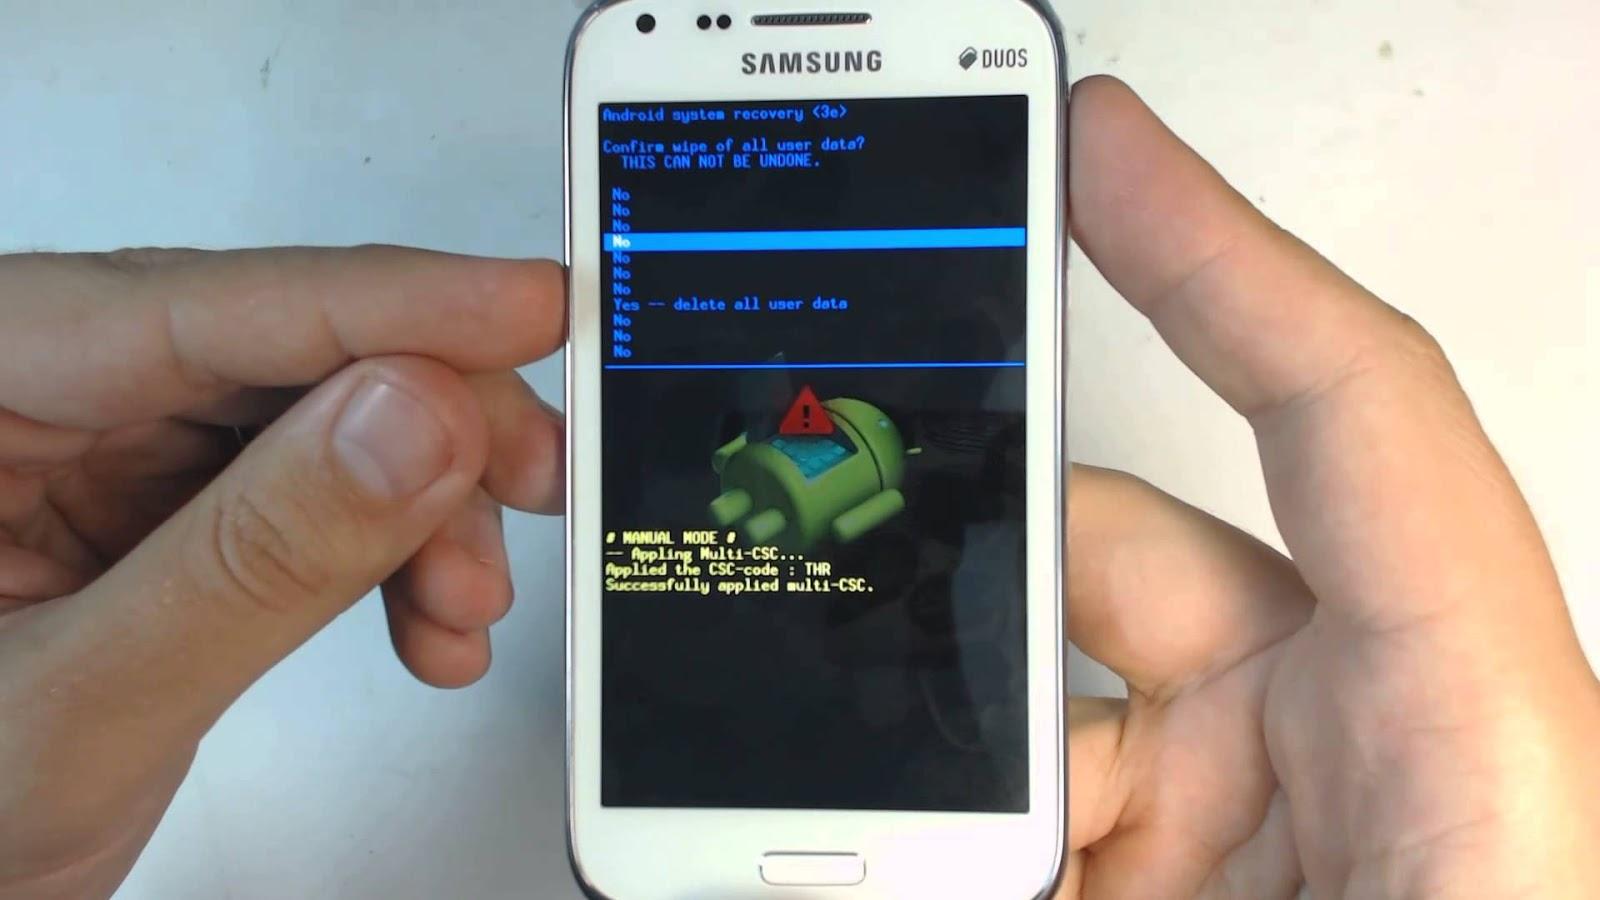 Полный сброс - hard reset для андроида Samsung Galaxy 22